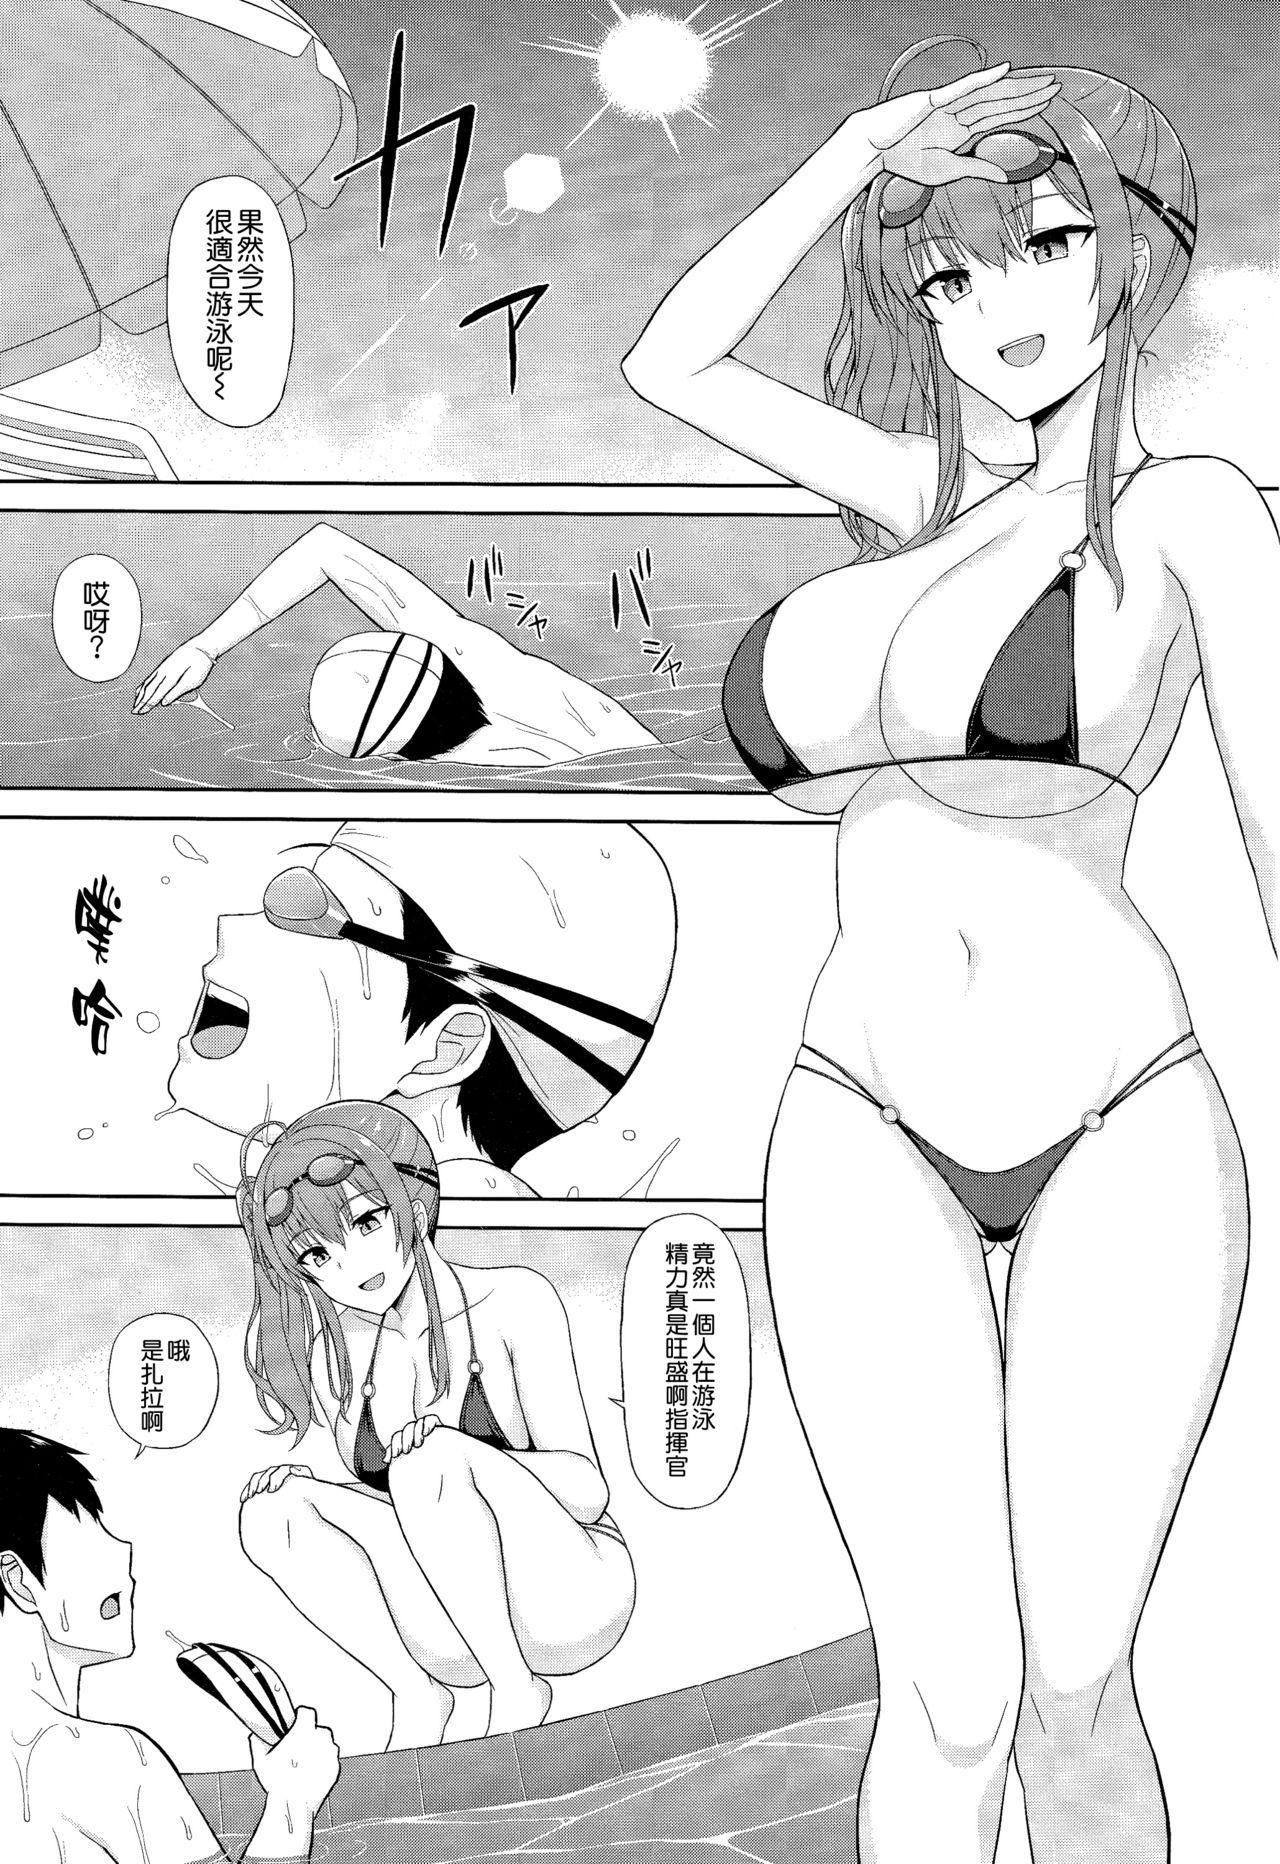 Zara to Miwaku no Poolside 2